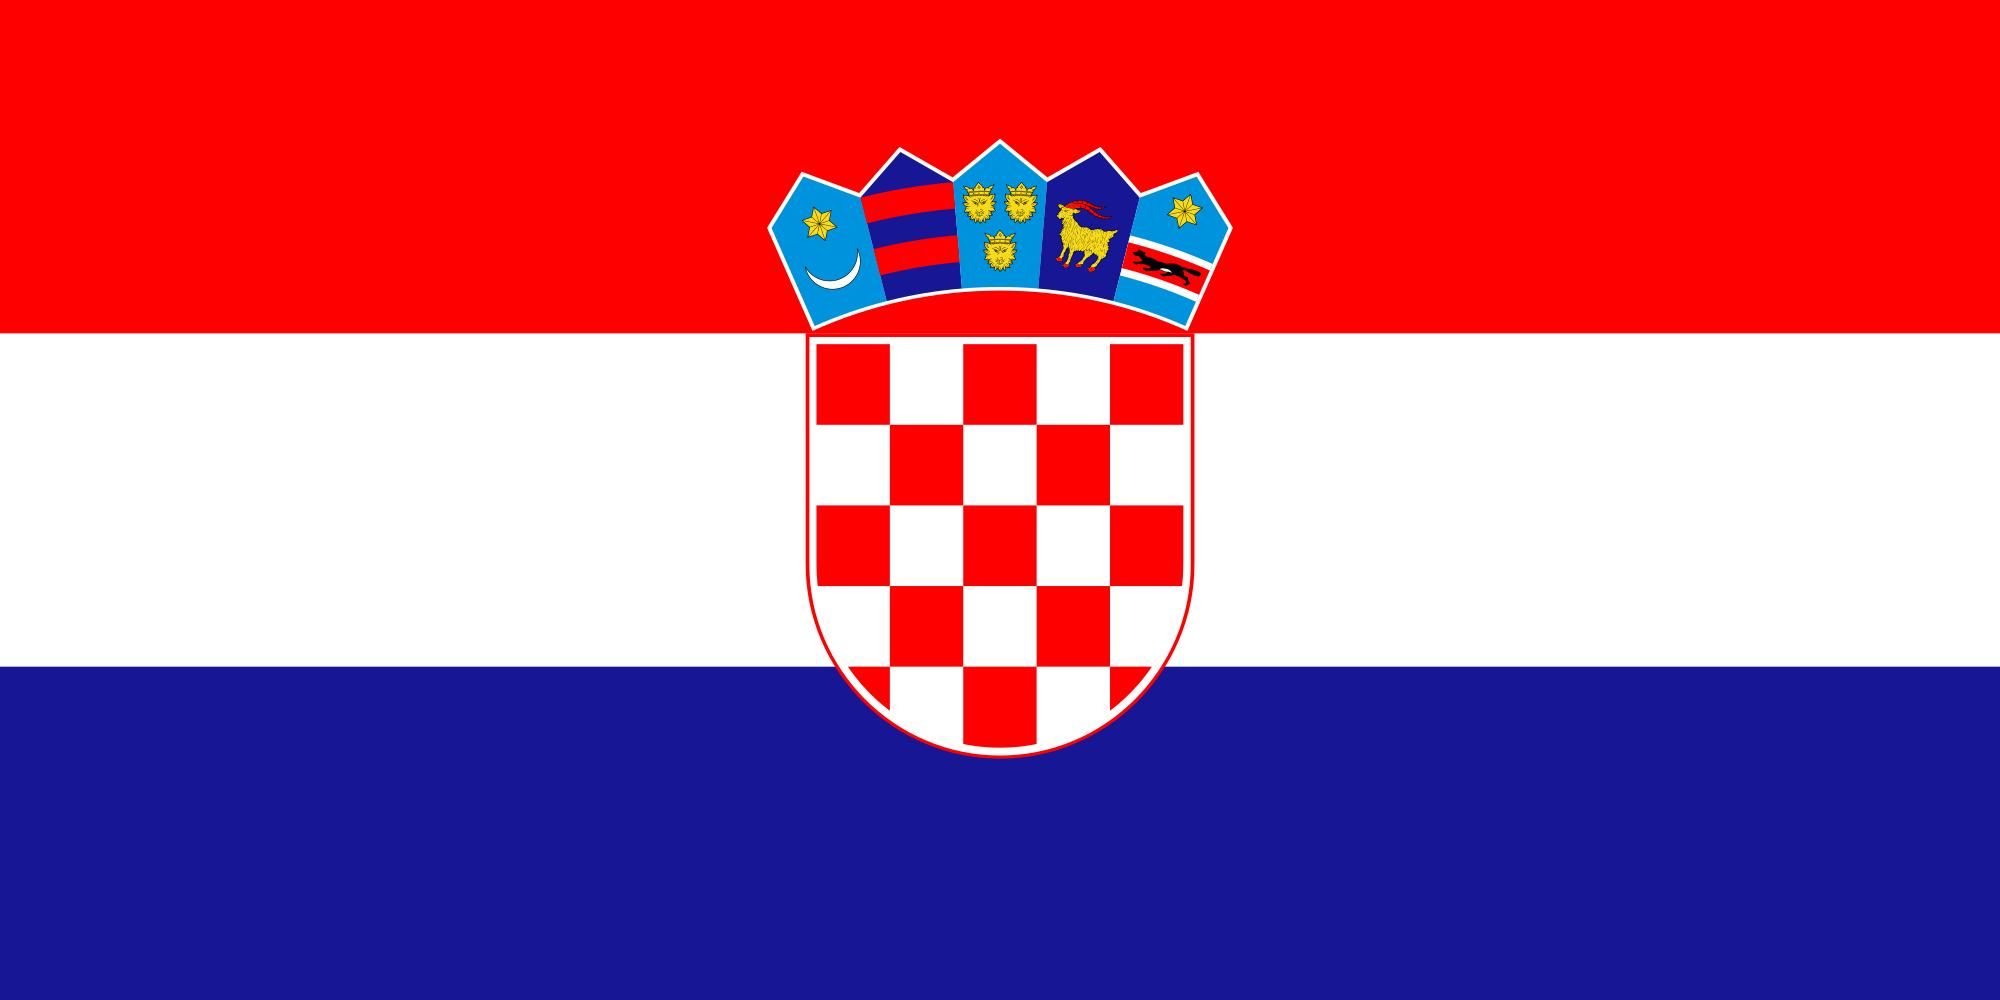 Chorvastko